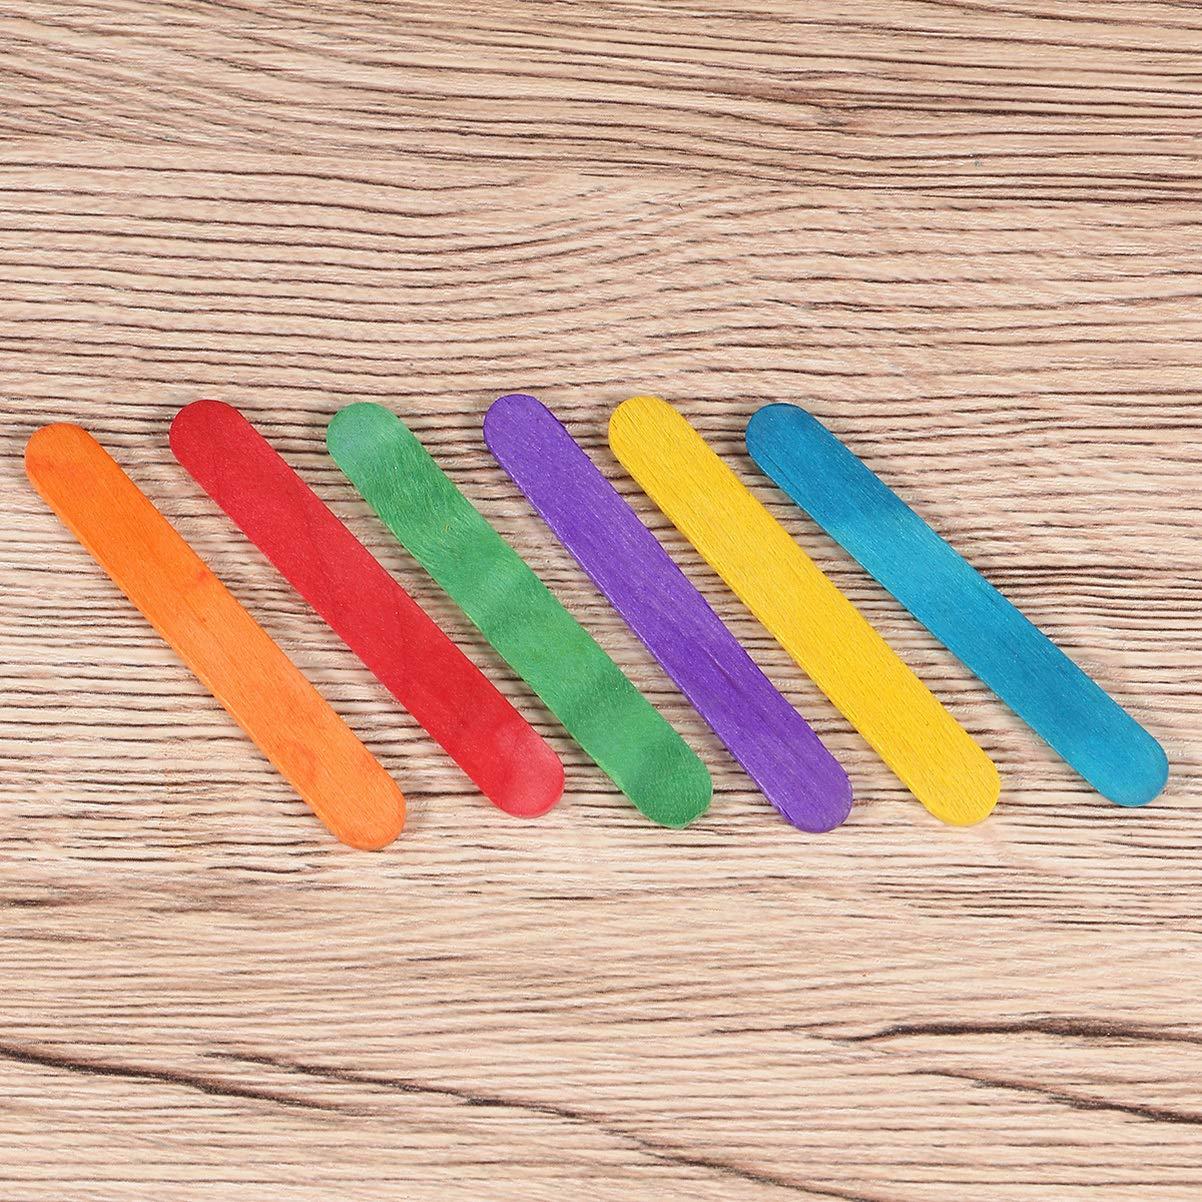 SUPVOX 50pcs Holz-Handwerk-Sticks Kinder Kinder DIY handgemachte Herstellung Zeichenmaterial bunt